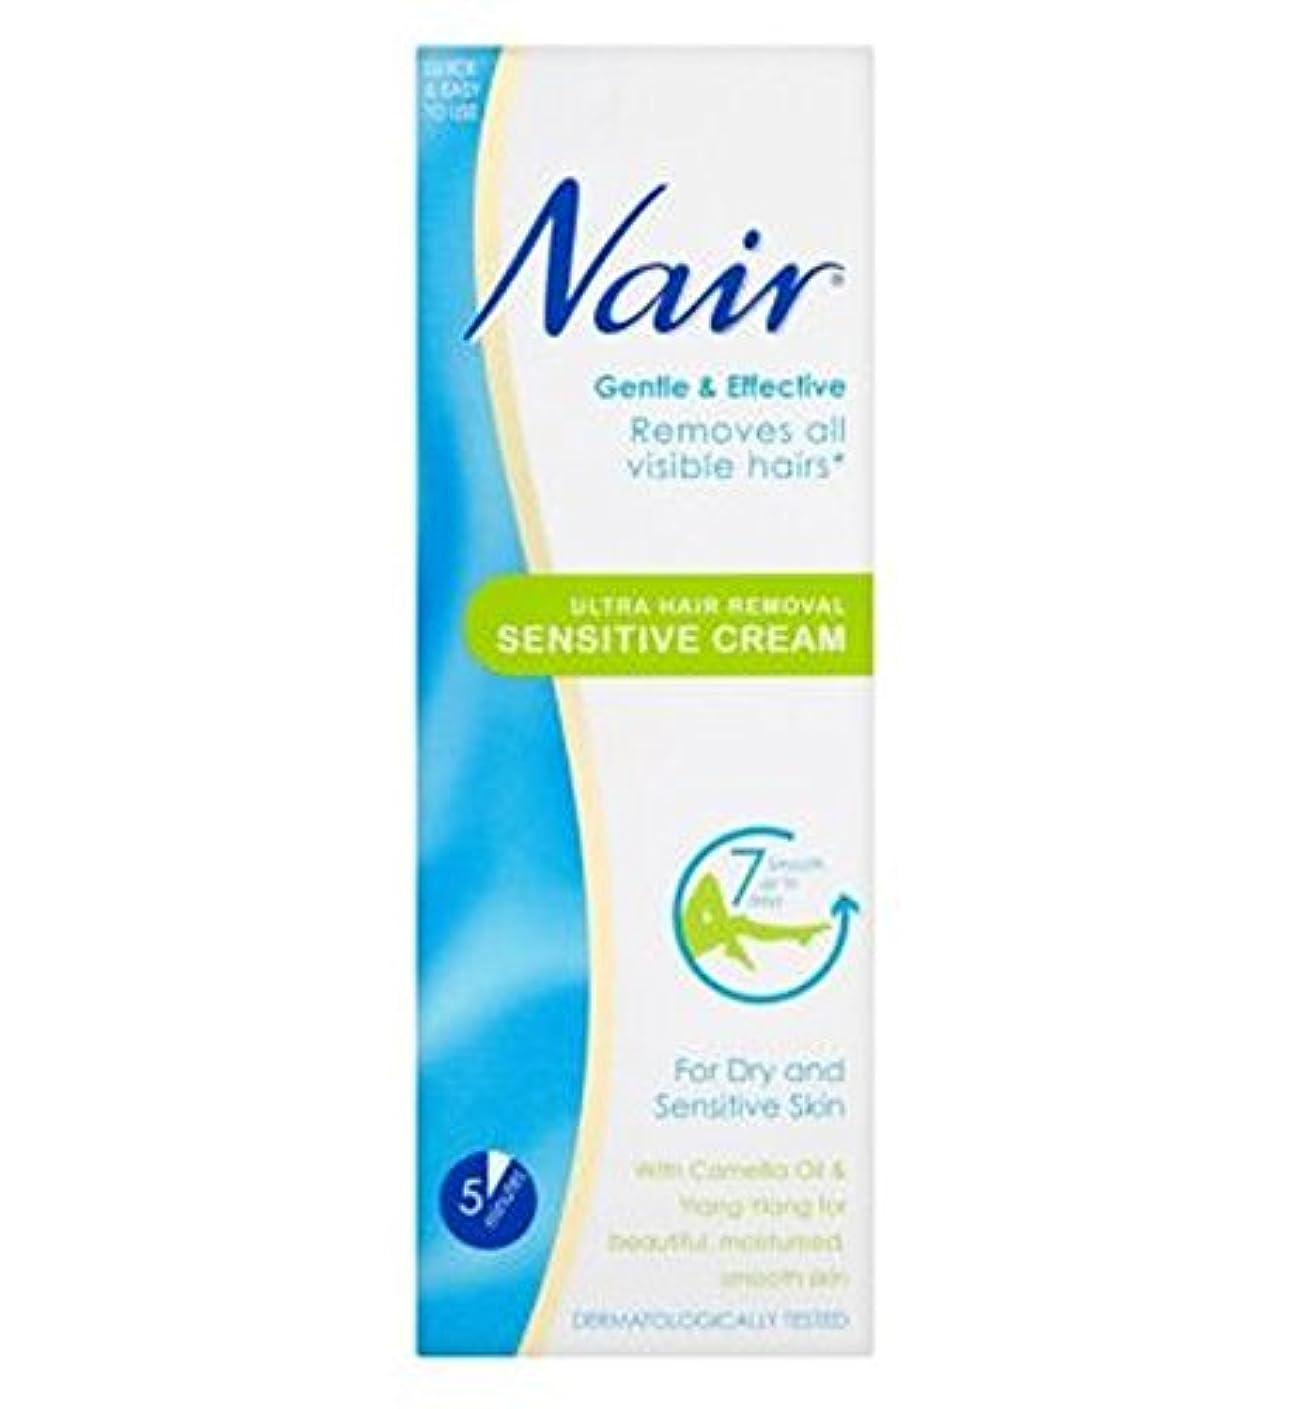 繊毛心配する真珠のようなNair Sensitive Hair Removal Cream 200ml - Nairさん敏感な脱毛クリーム200ミリリットル (Nair) [並行輸入品]